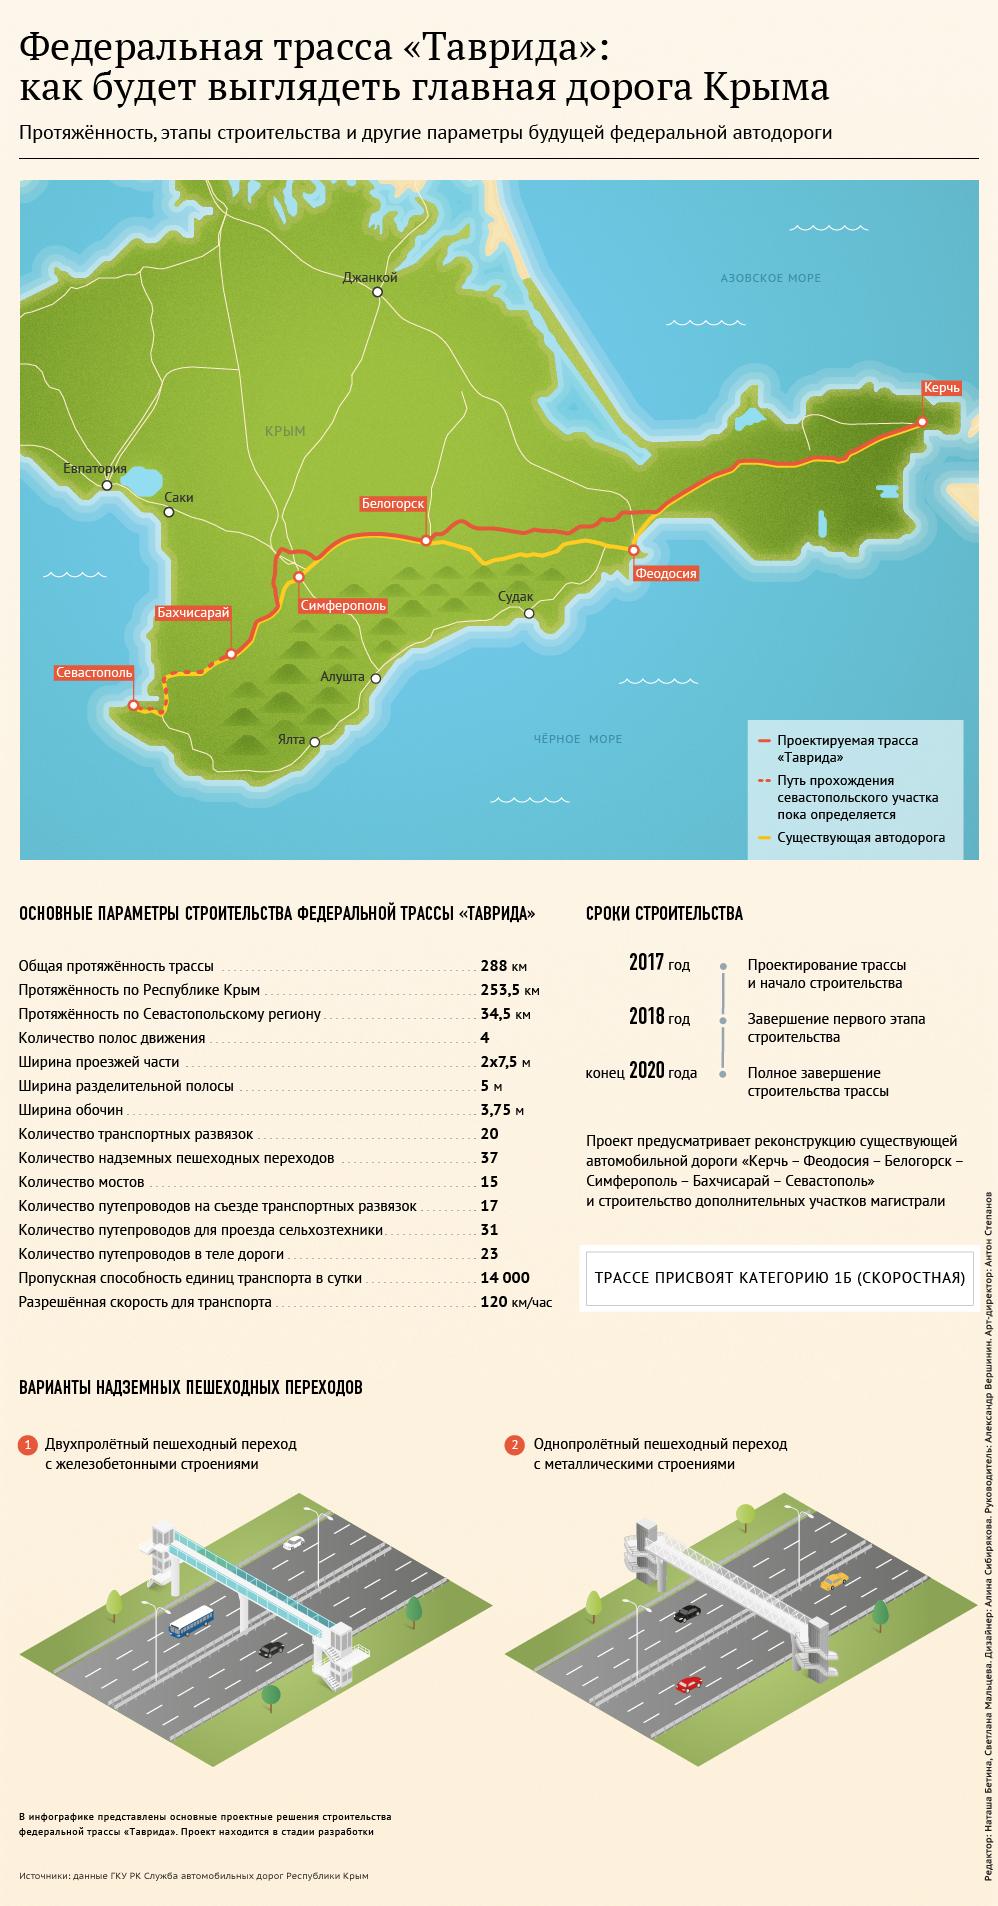 Трасса «Таврида»: как будет выглядеть главная дорога Крыма